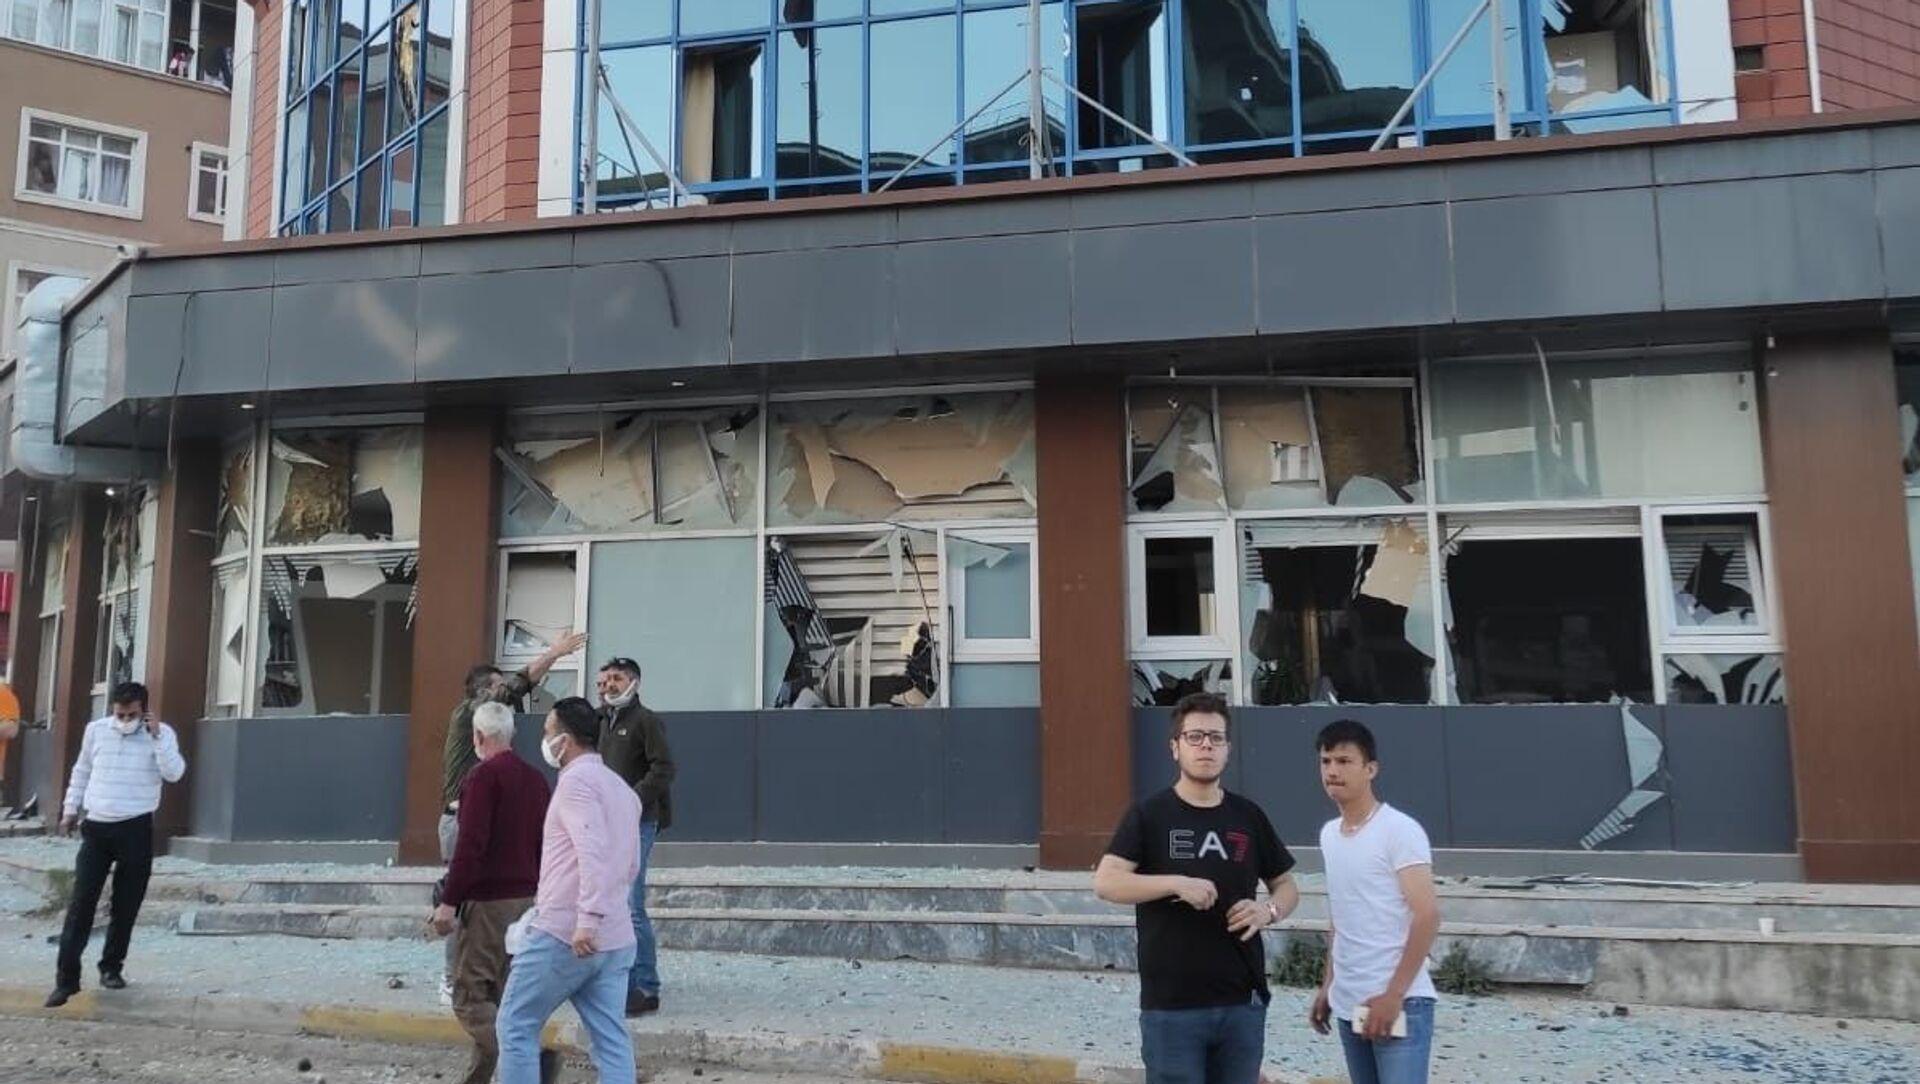 Pendik Kaynarca'da bulunan İBB Metro istasyonu inşaatında saat 19.40 sıralarında şiddetli patlama meydana geldi. Şiddetli patlama nedeniyle çevredeki iş yeri ve apartmanların camları paramparça olurken, şantiyede çalışan bir işçi hafif yaralandı. - Sputnik Türkiye, 1920, 12.05.2021